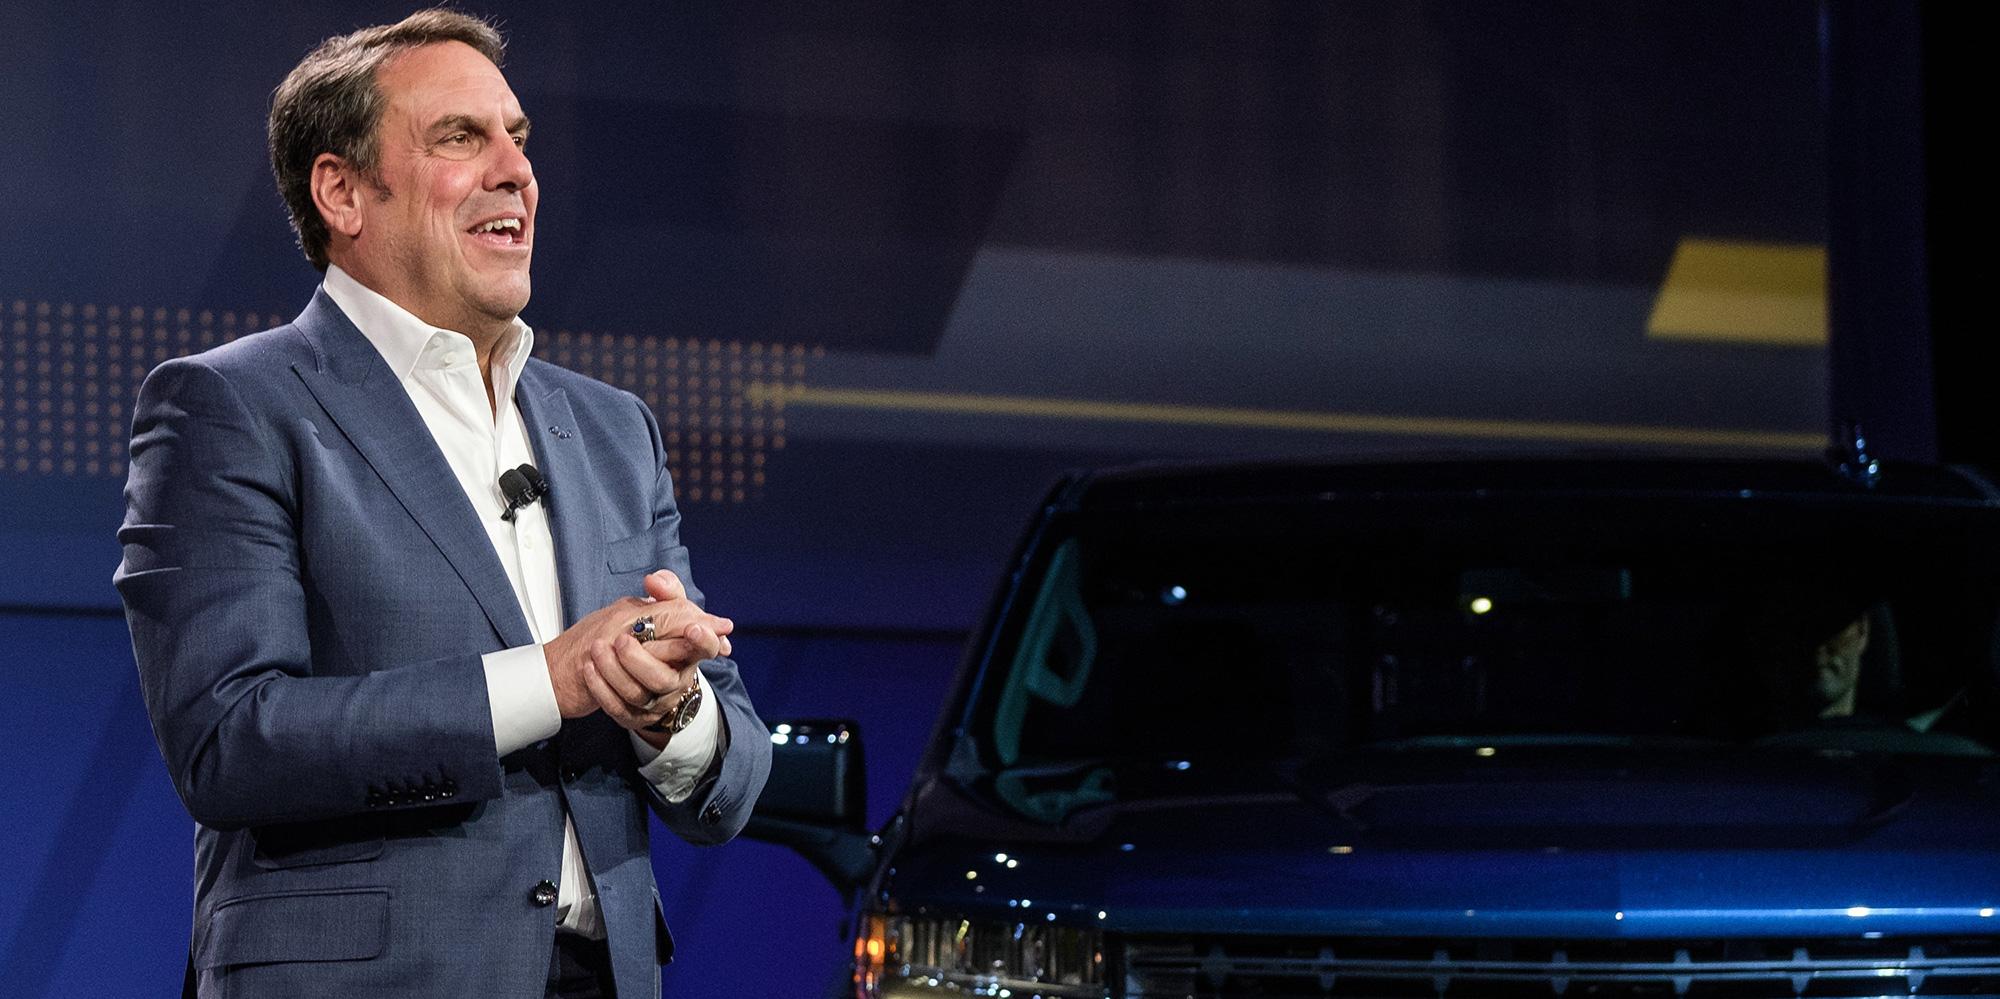 GM President Mark Reuss